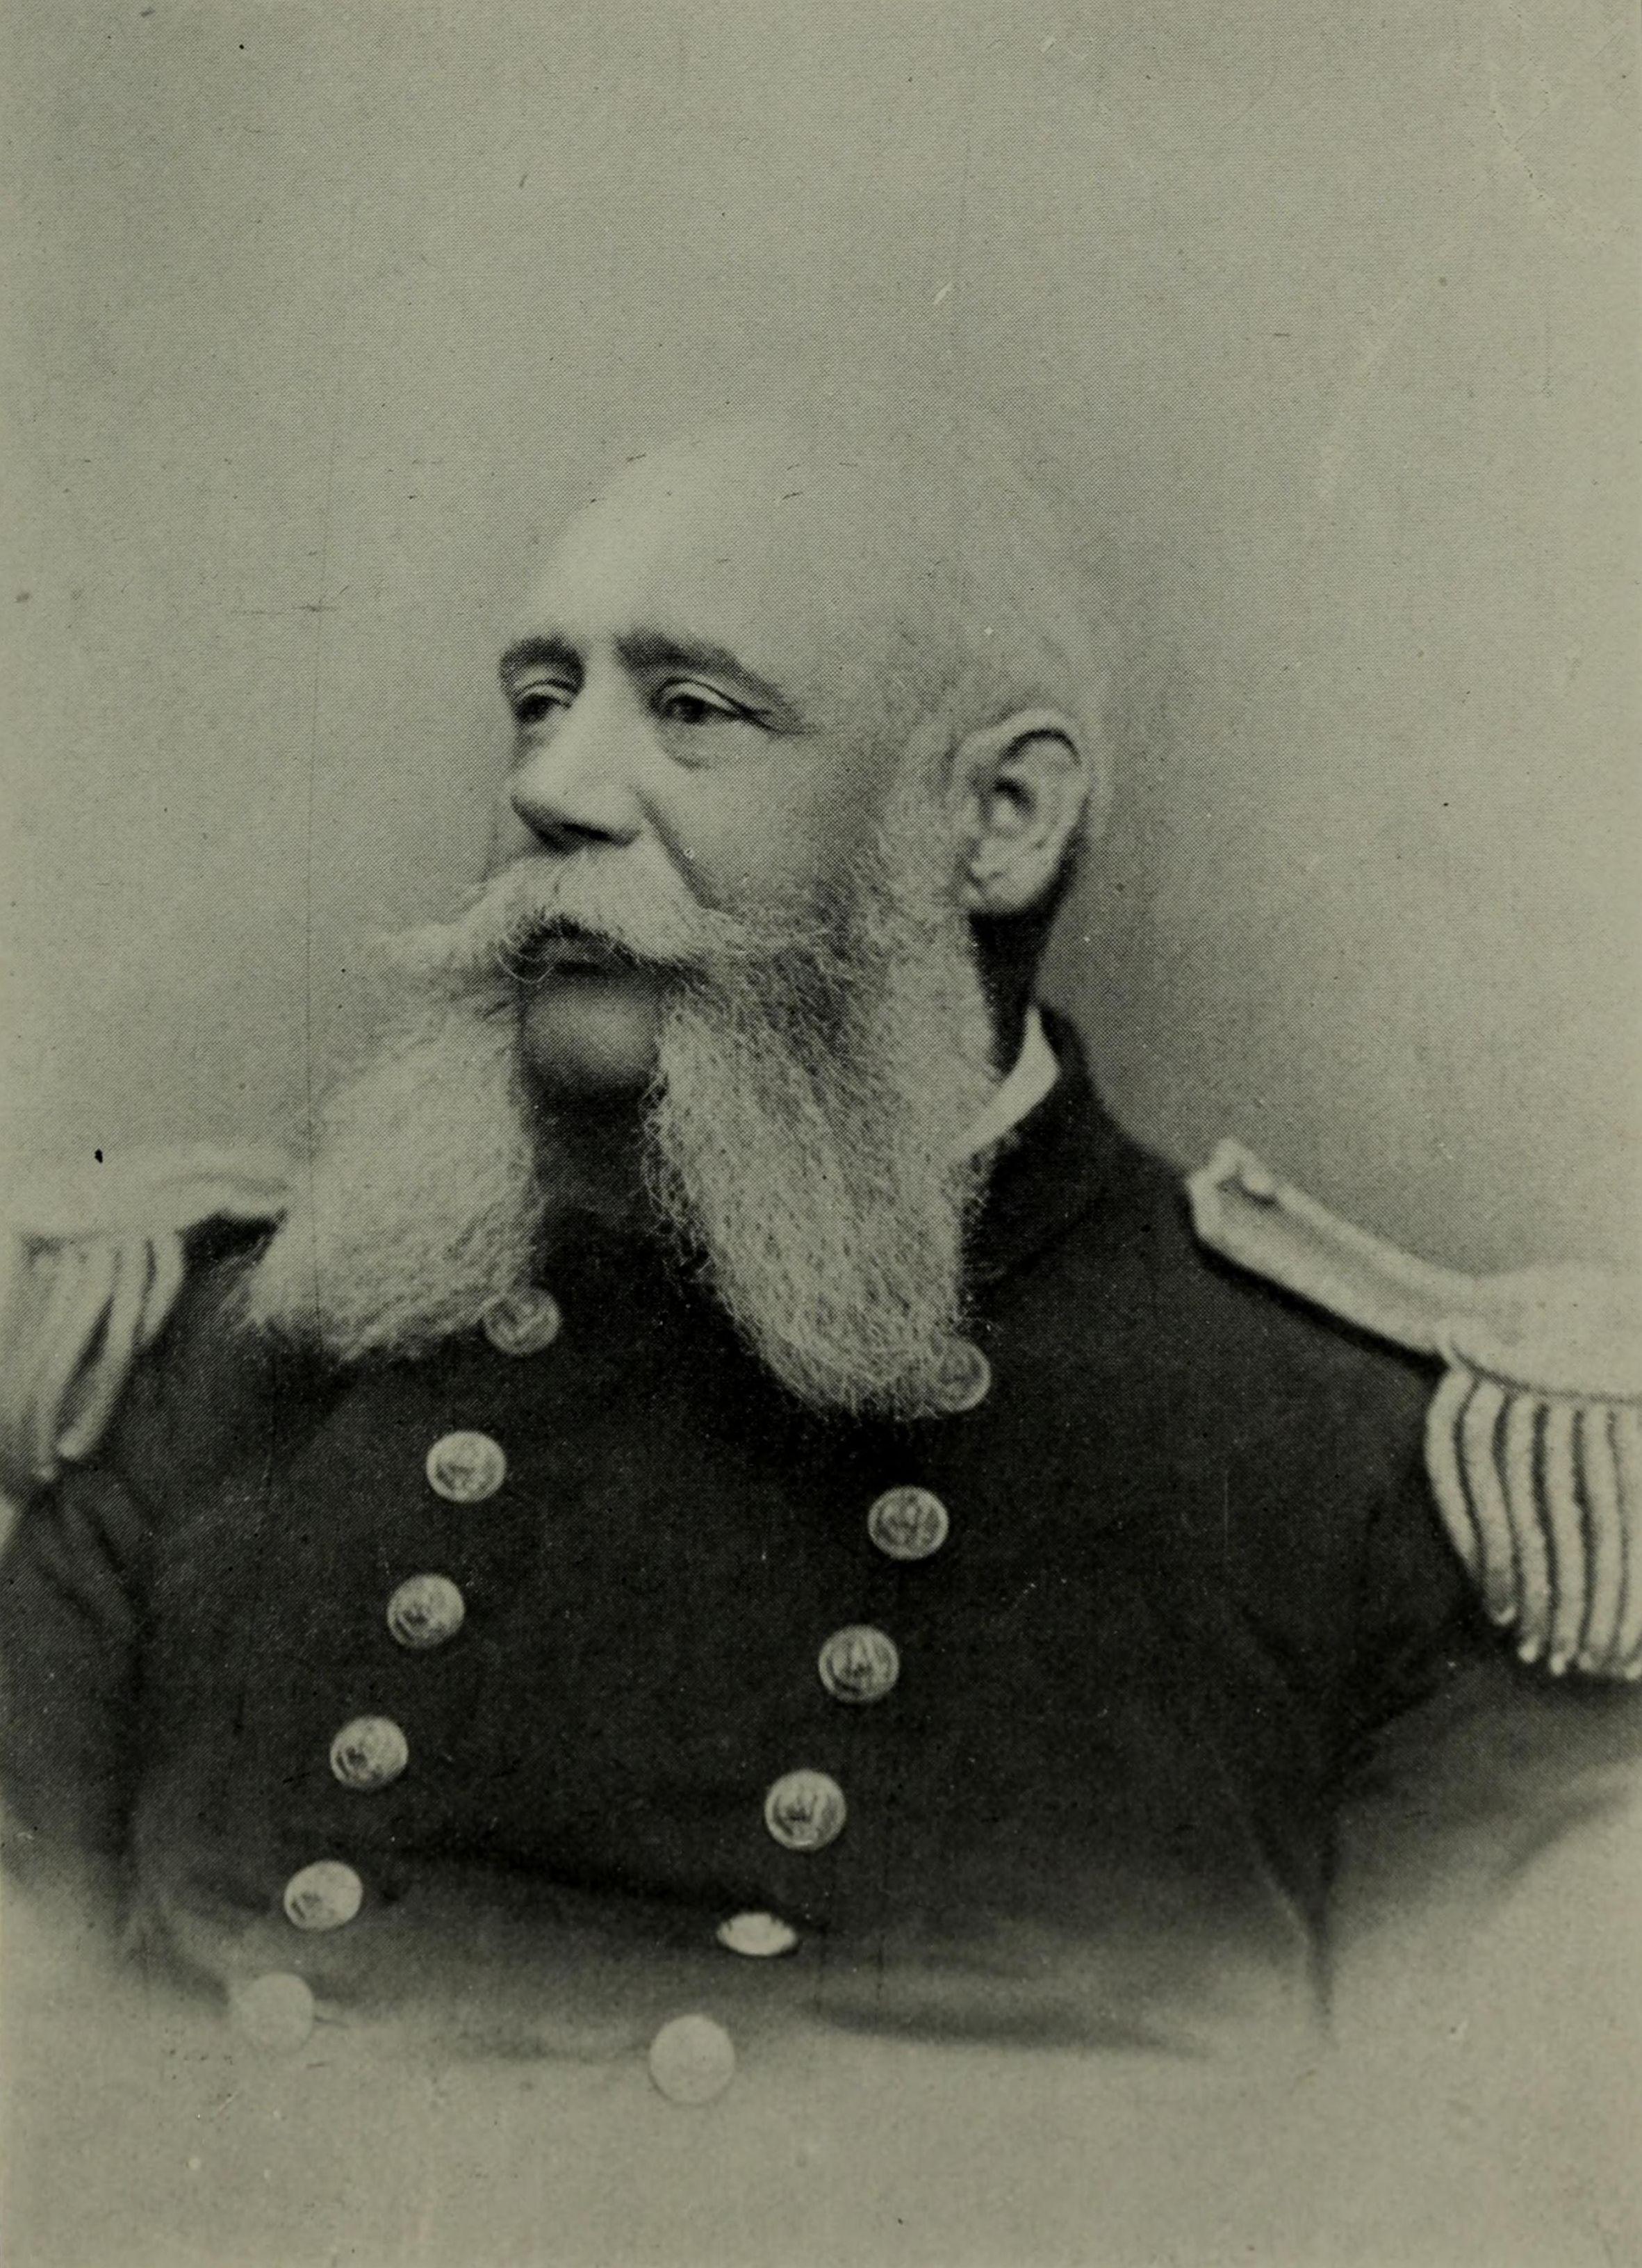 Gilbert Conwall Wiltse